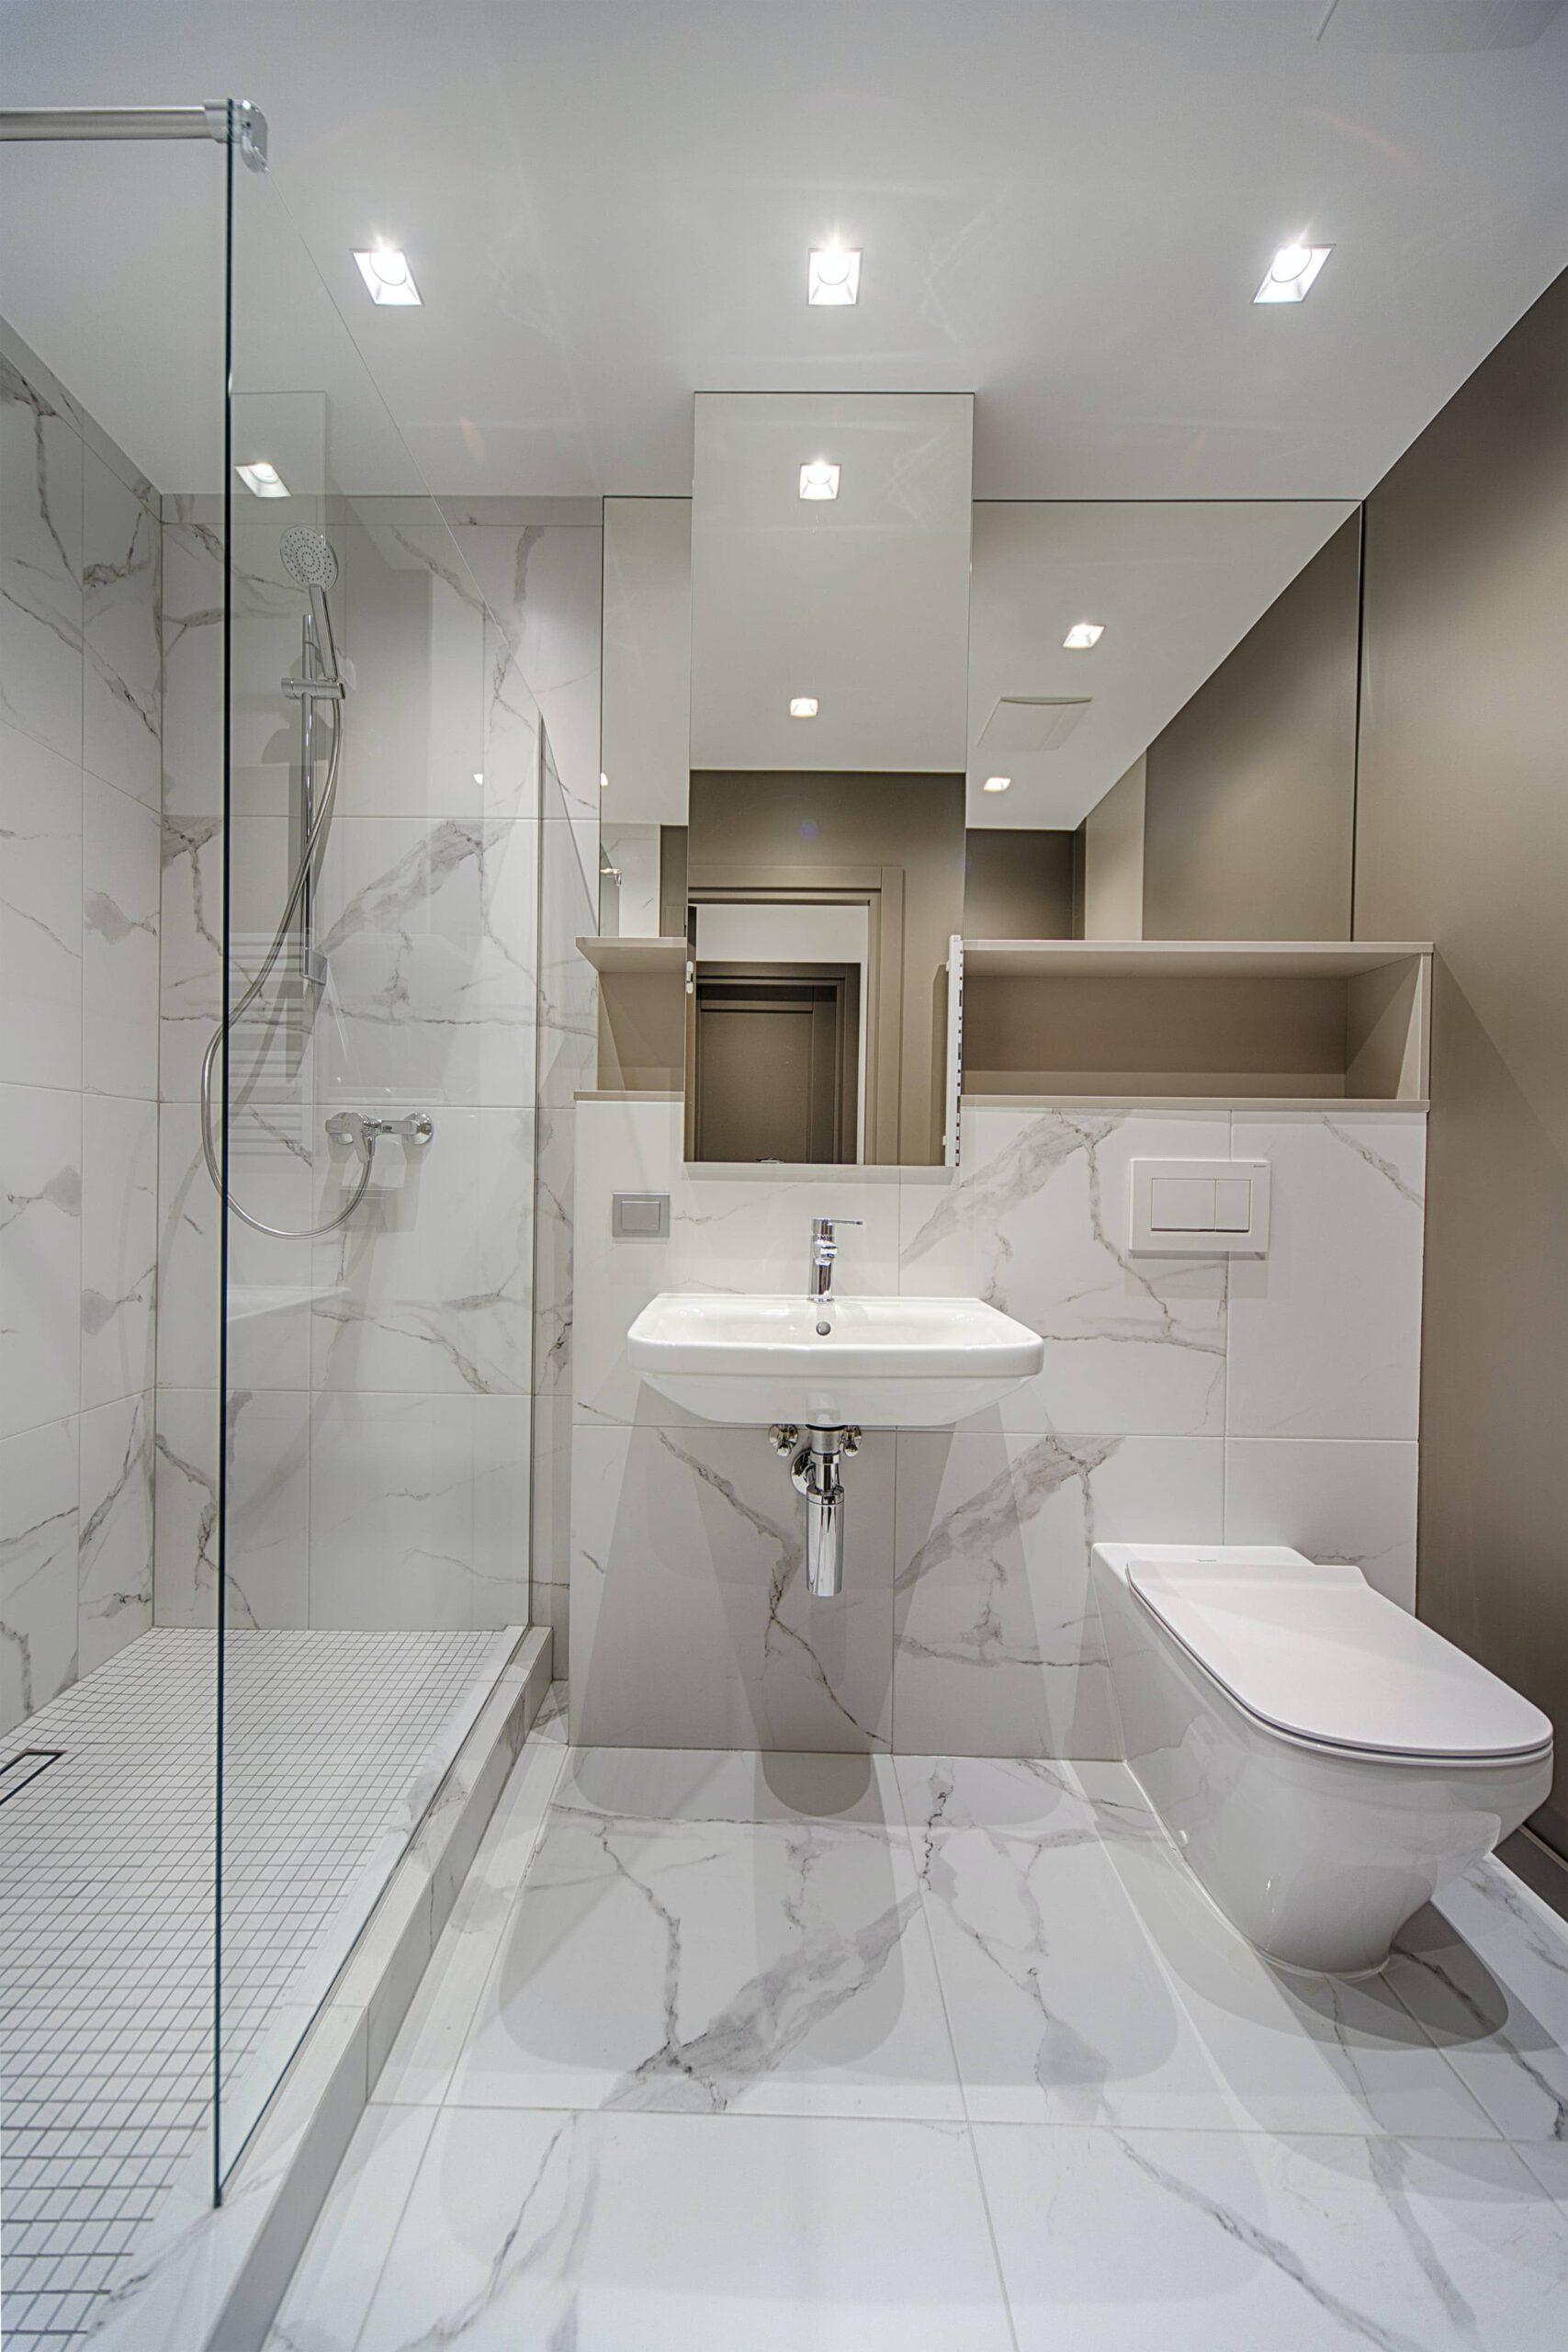 Bathroom zone 1